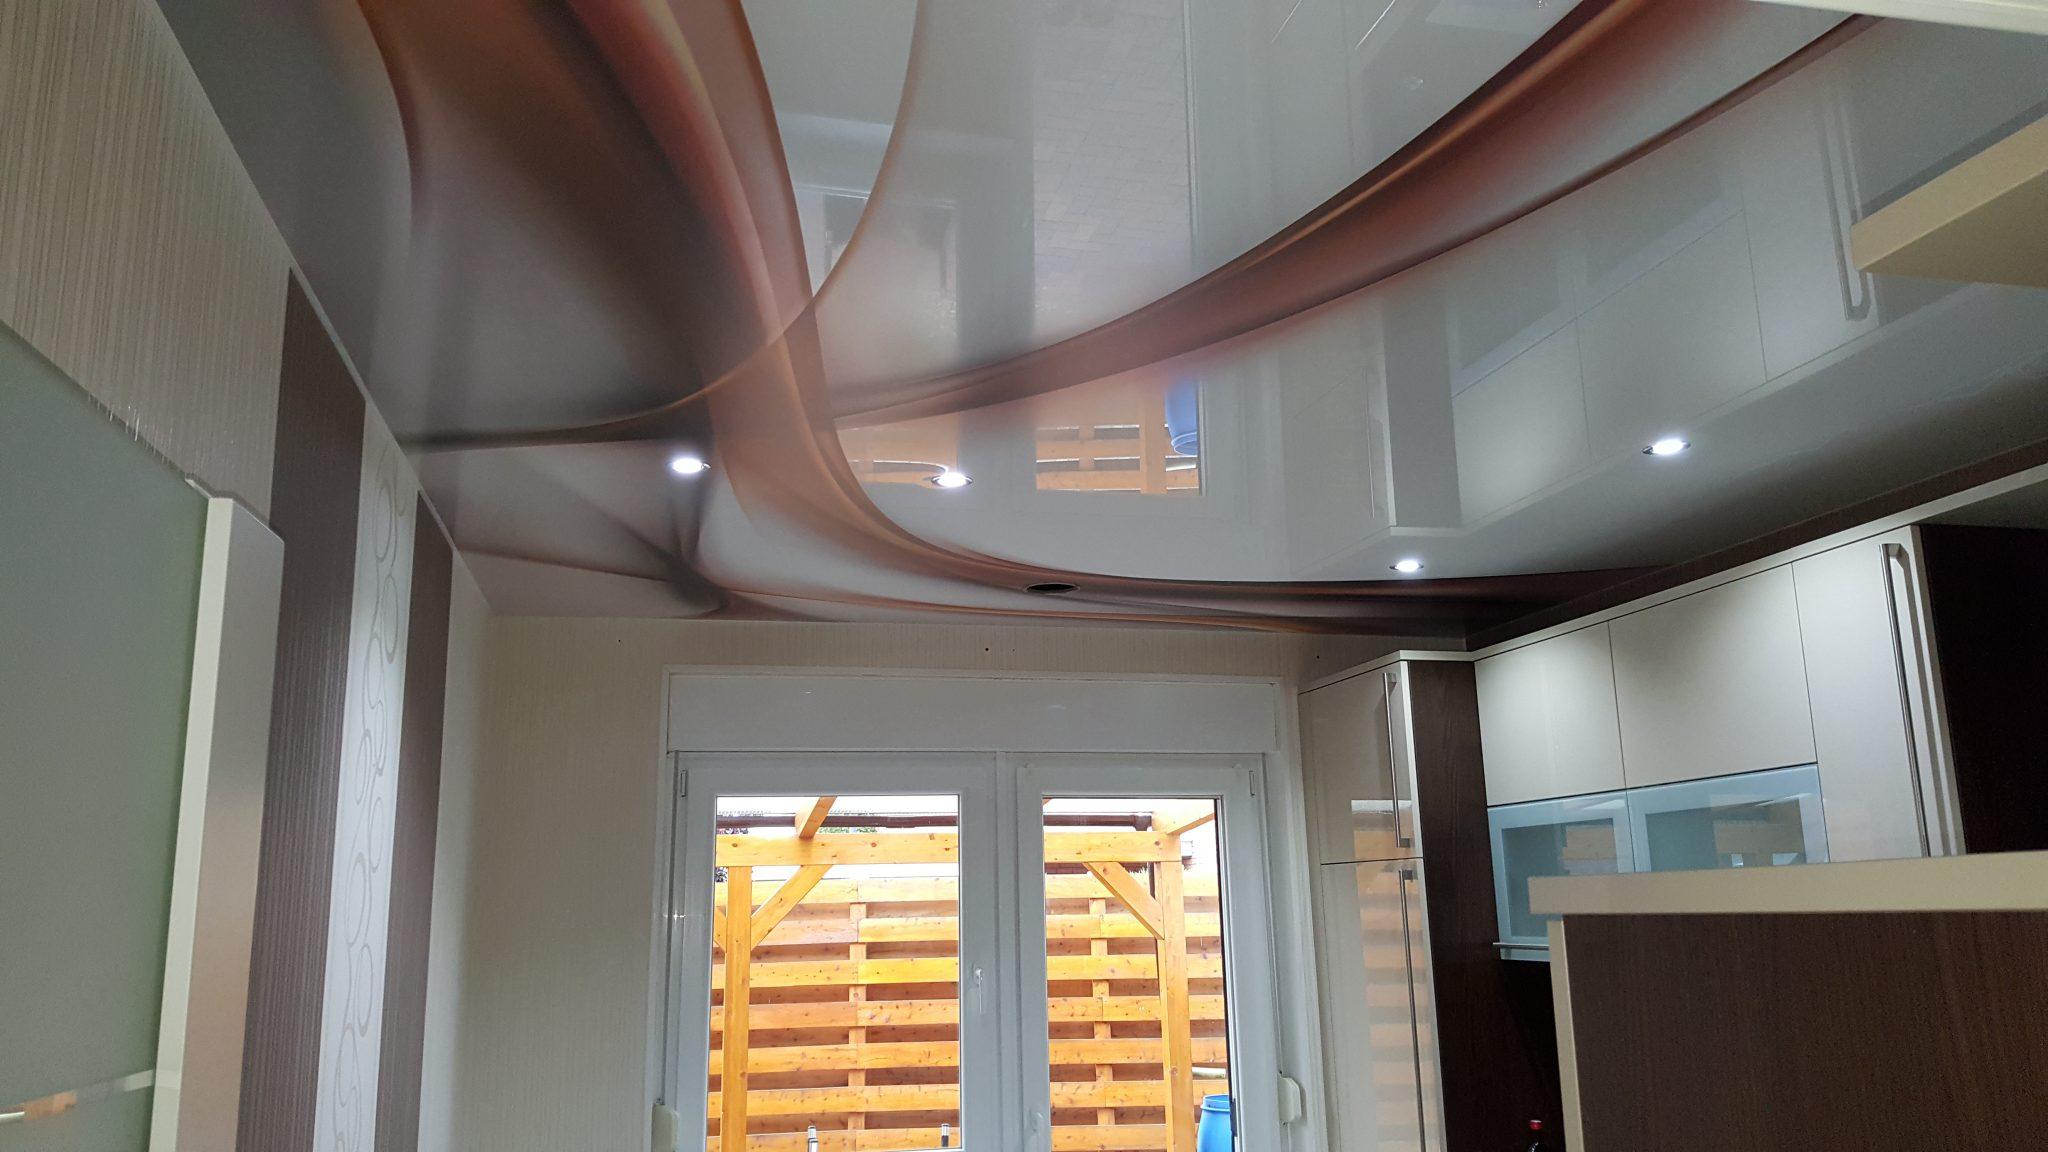 plameco preis m2 finest images estrich kosten pro m with kosten m with plameco preis m2. Black Bedroom Furniture Sets. Home Design Ideas